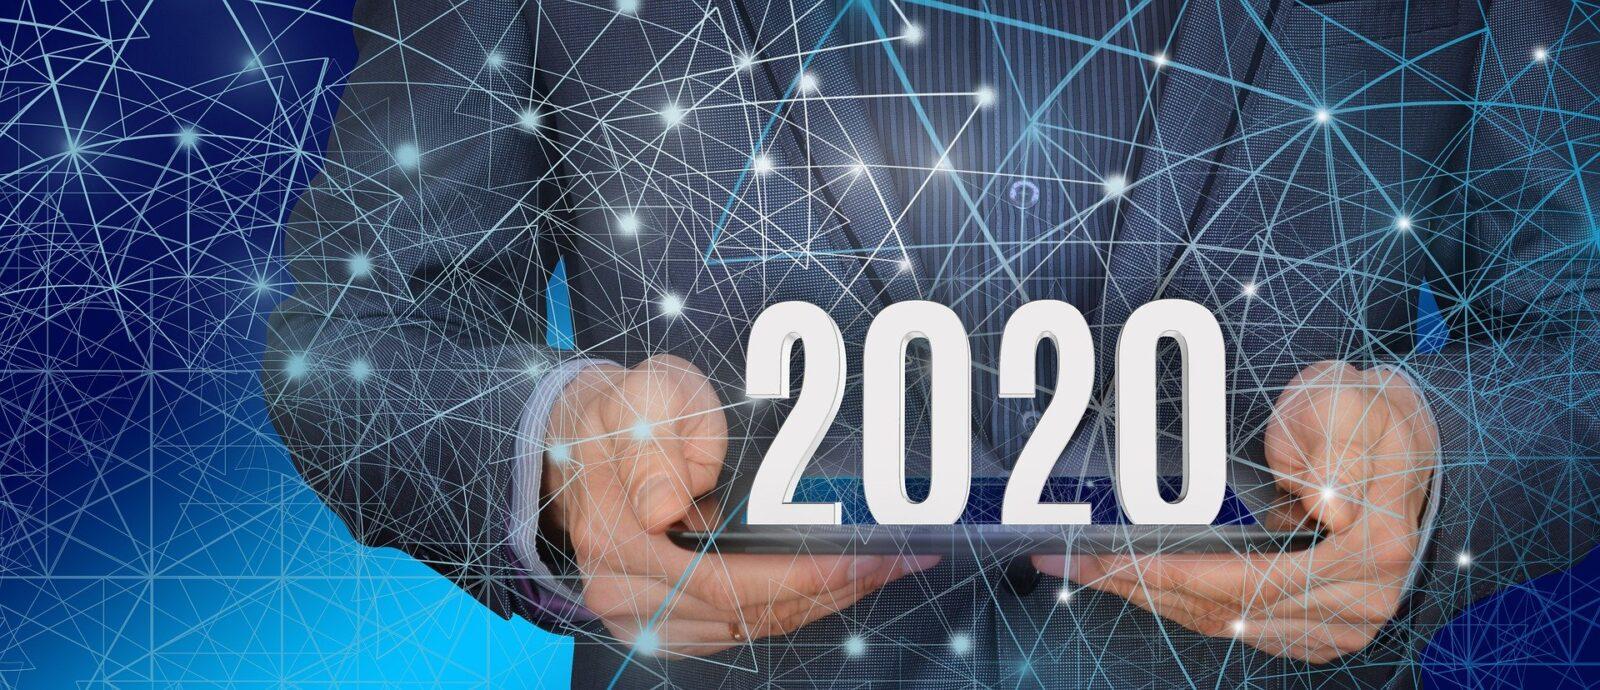 Bonos para la Transformación Digital de la Empresa Canaria 2020 ¿Cómo solicitar la subvención?